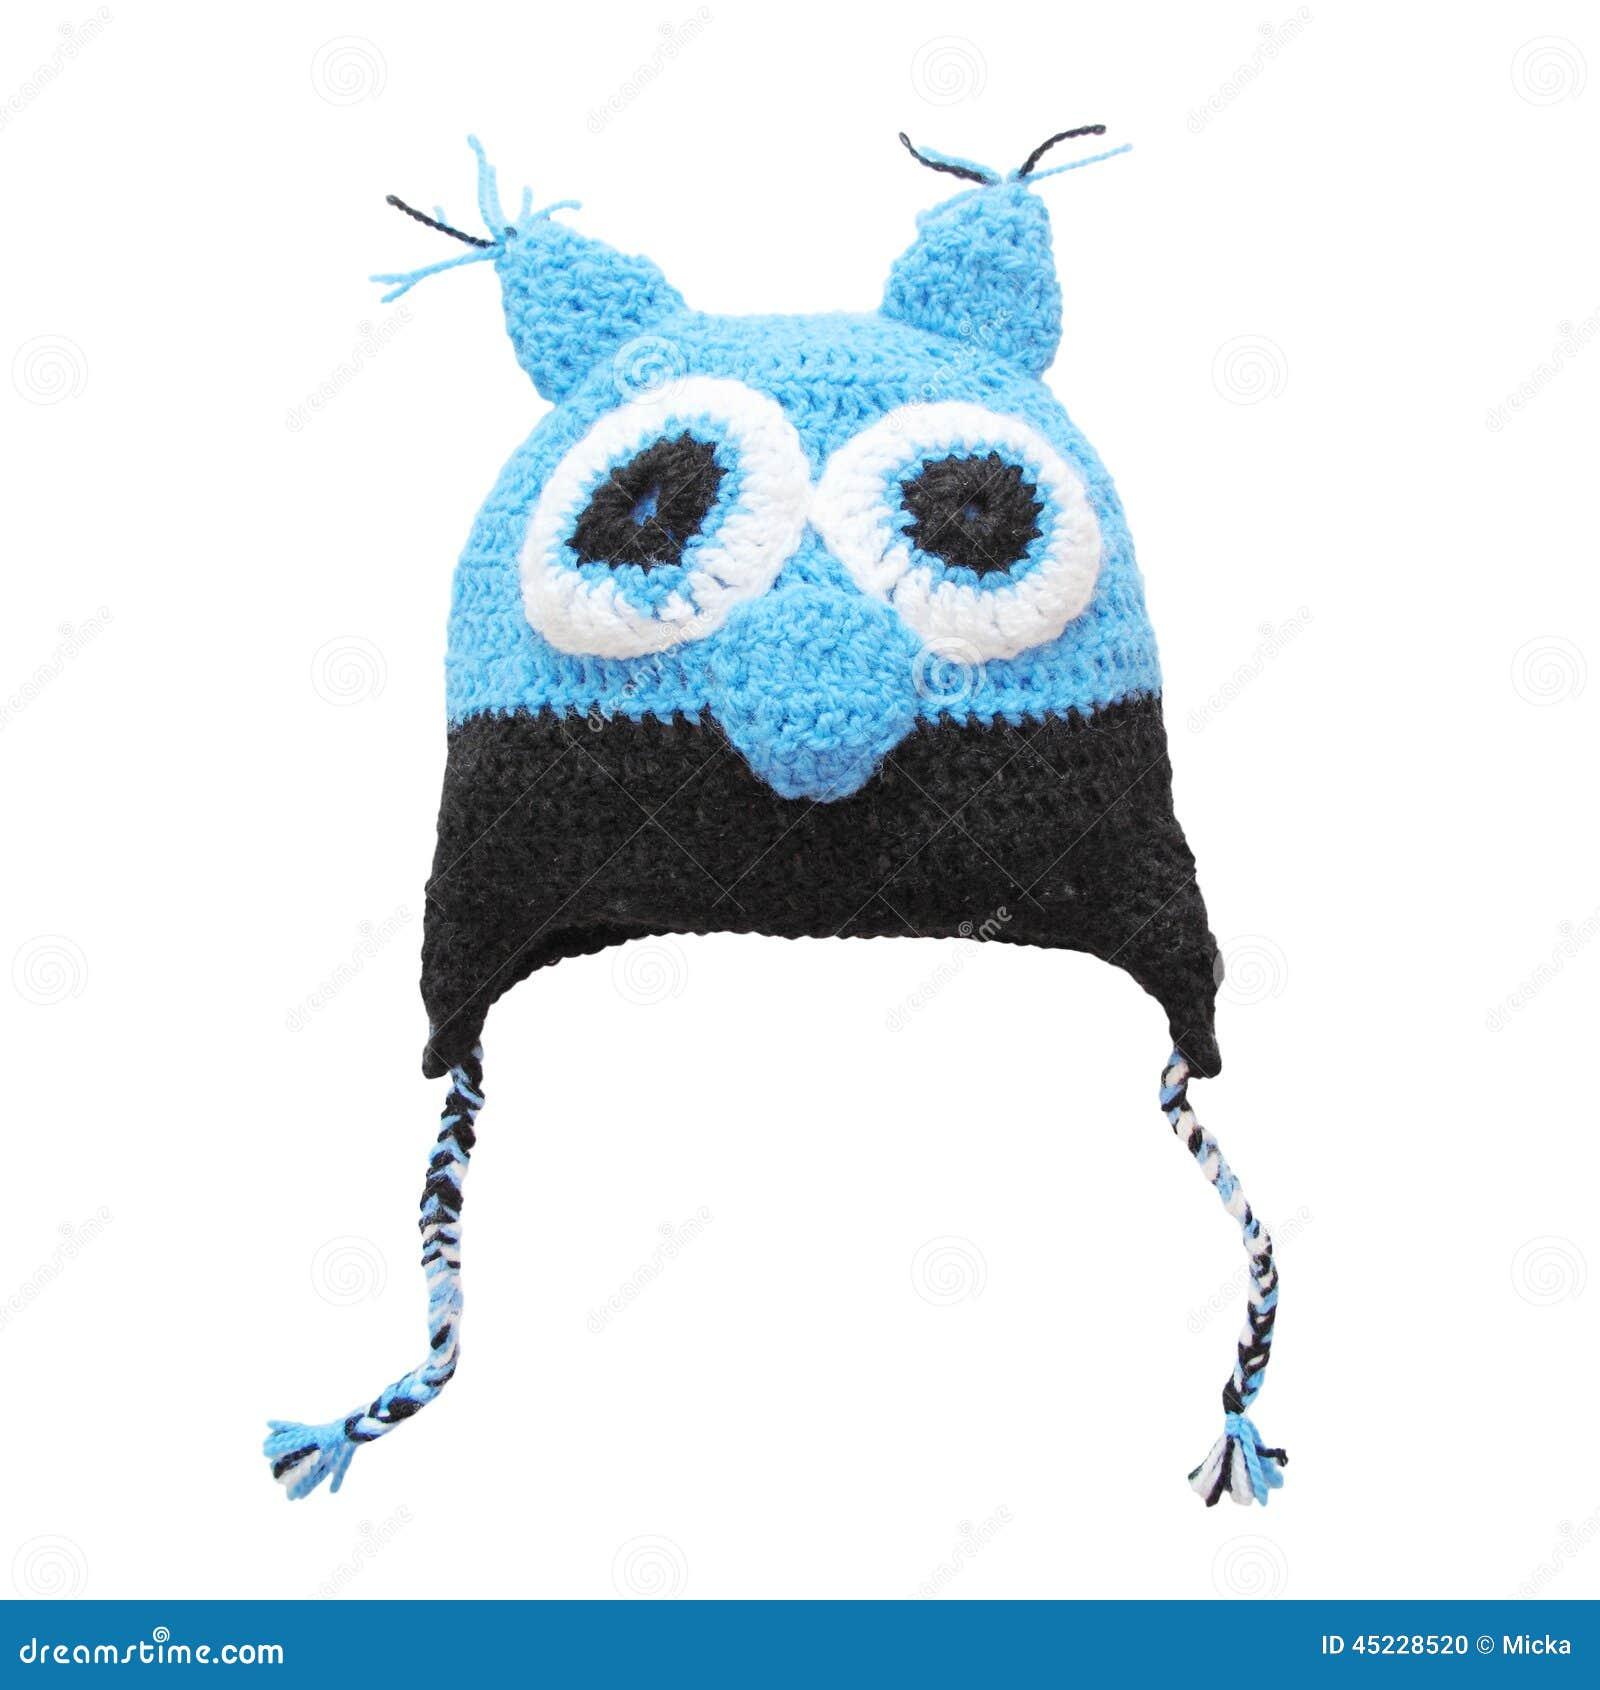 70170bc7b2 Tampão de lã da coruja para a criança isolada no branco Fazer crochê o  chapéu bonito feito a mão